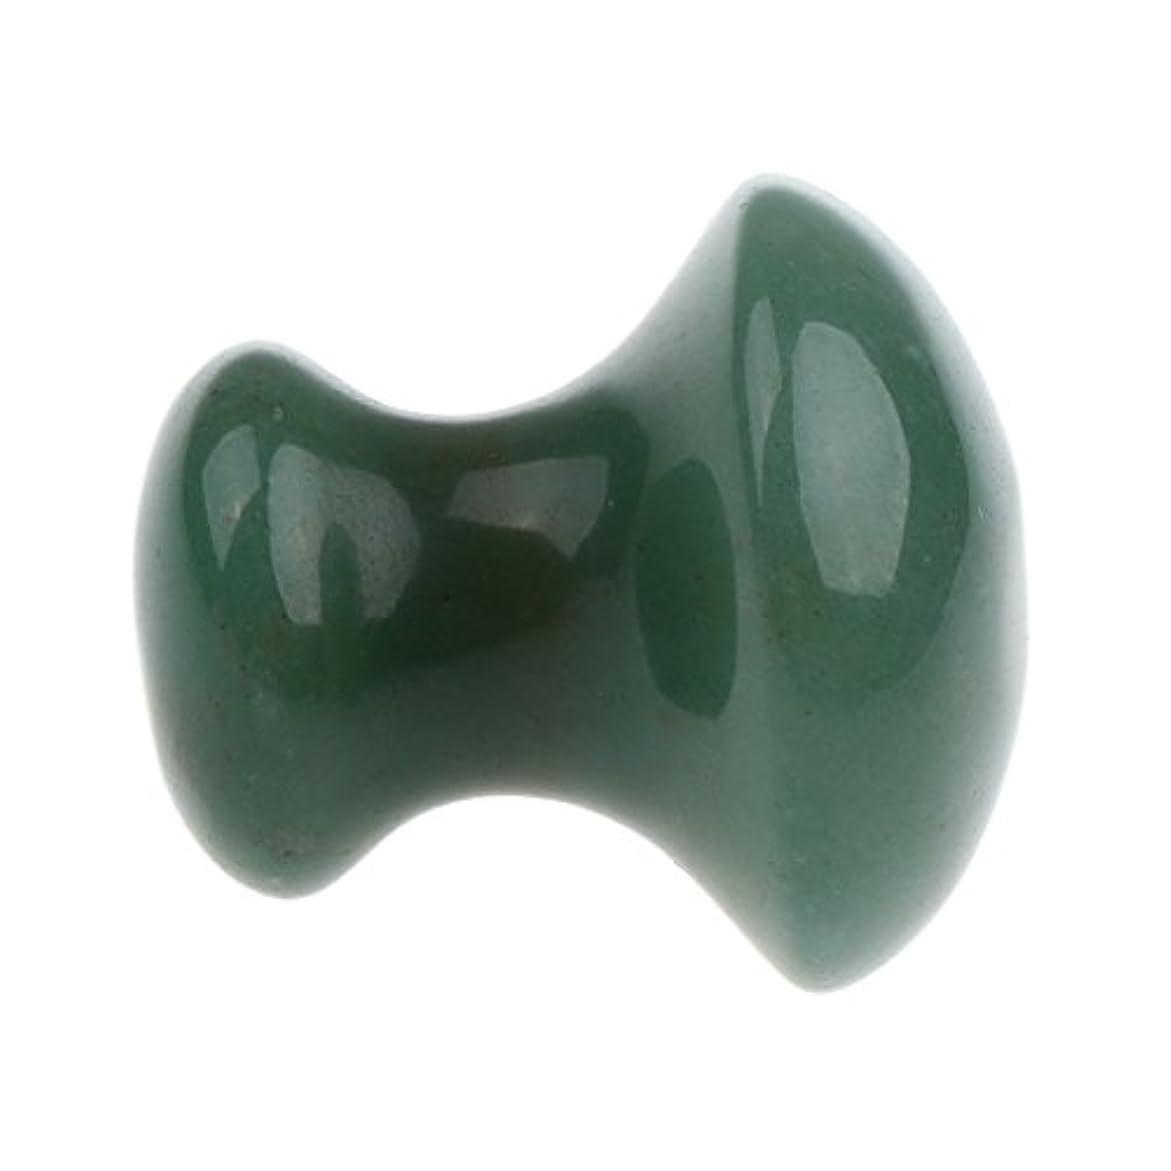 用心するチャレンジ直感ヘッドマッサージストーン ヘッド マッサージ ストーン 美容 マッサージ マッシュルーム ヘッドマッサージ 石 2色選べる - 緑